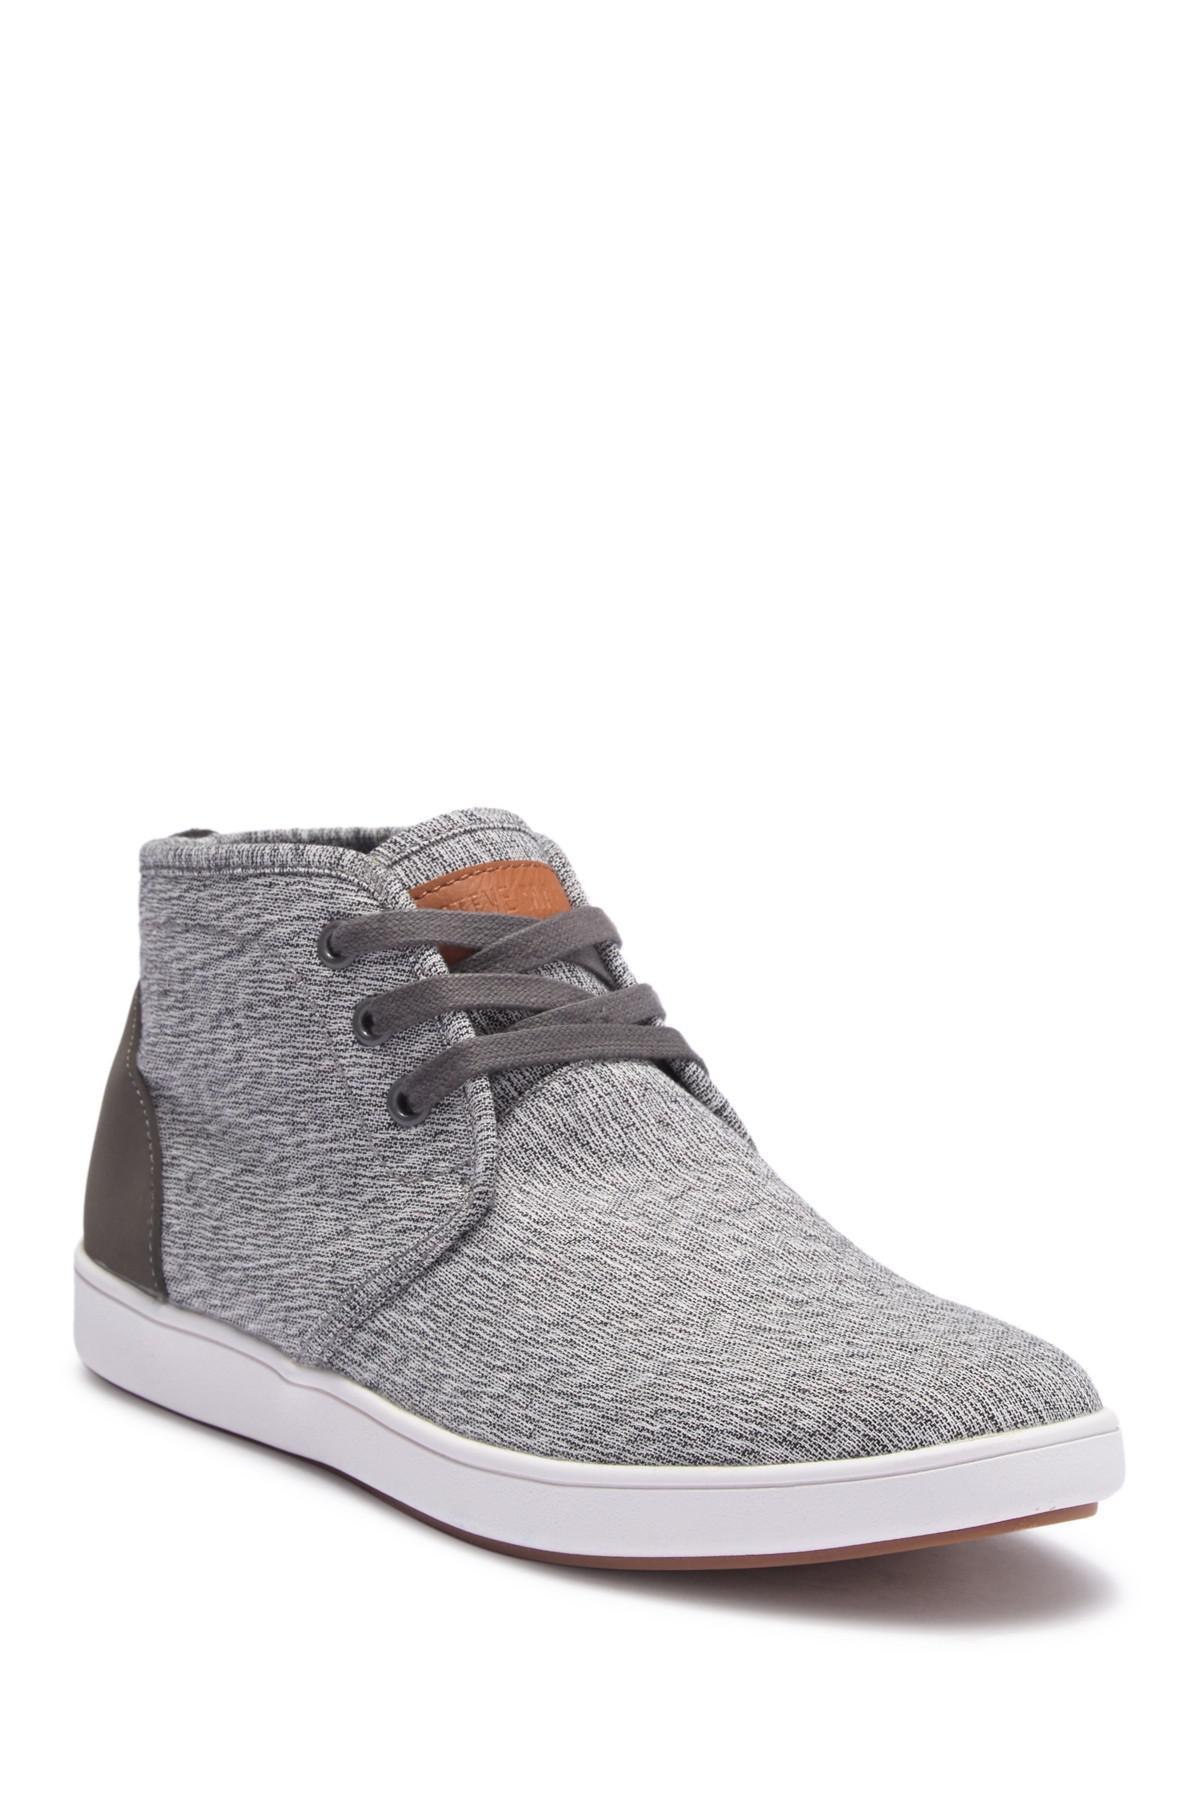 4b5638f098b Lyst - Steve Madden Chuka Sneaker Boot in Gray for Men